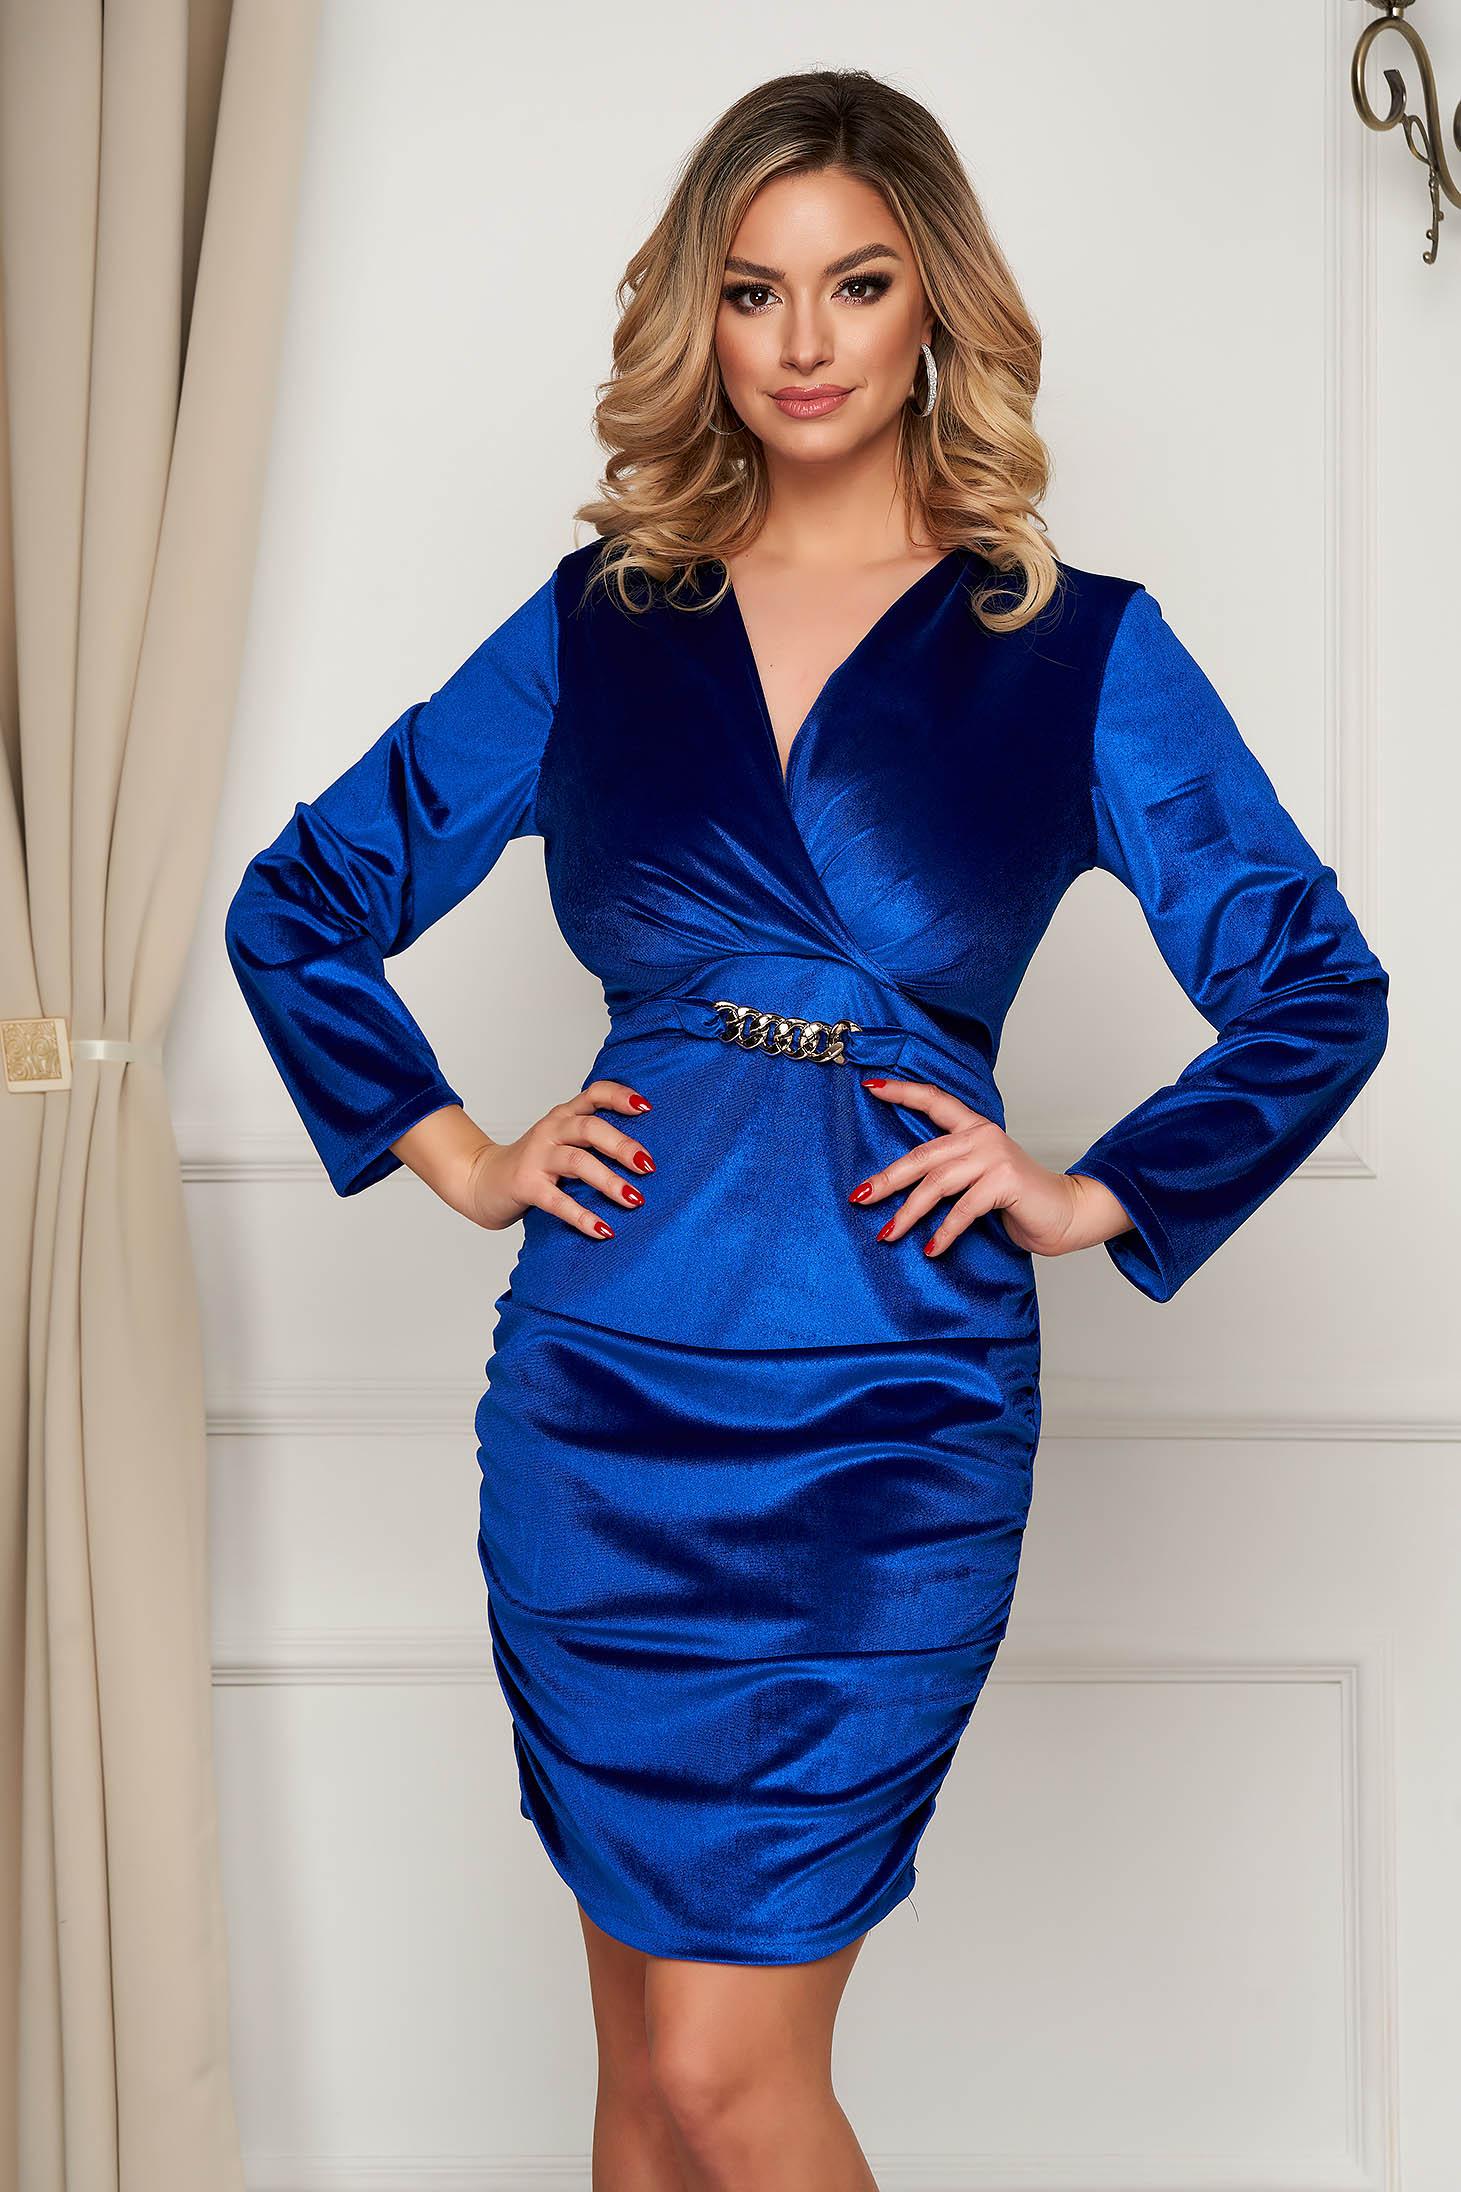 Rochie SunShine albastra din catifea de ocazie cu decolteu petrecut accesorizata cu lant metalic